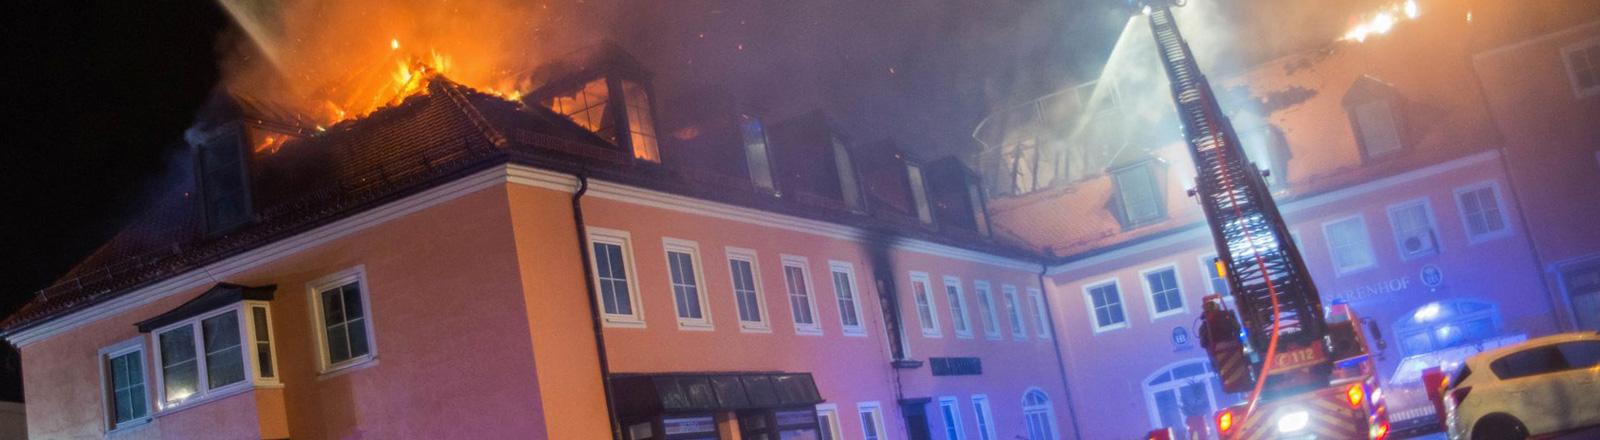 Ein Feuerwehrfahrzeug steht in Bautzen vor einem brennenden Haus. Es ist eine geplanten Flüchtlingsunterkunft (21.02.2016); Foto: dpa